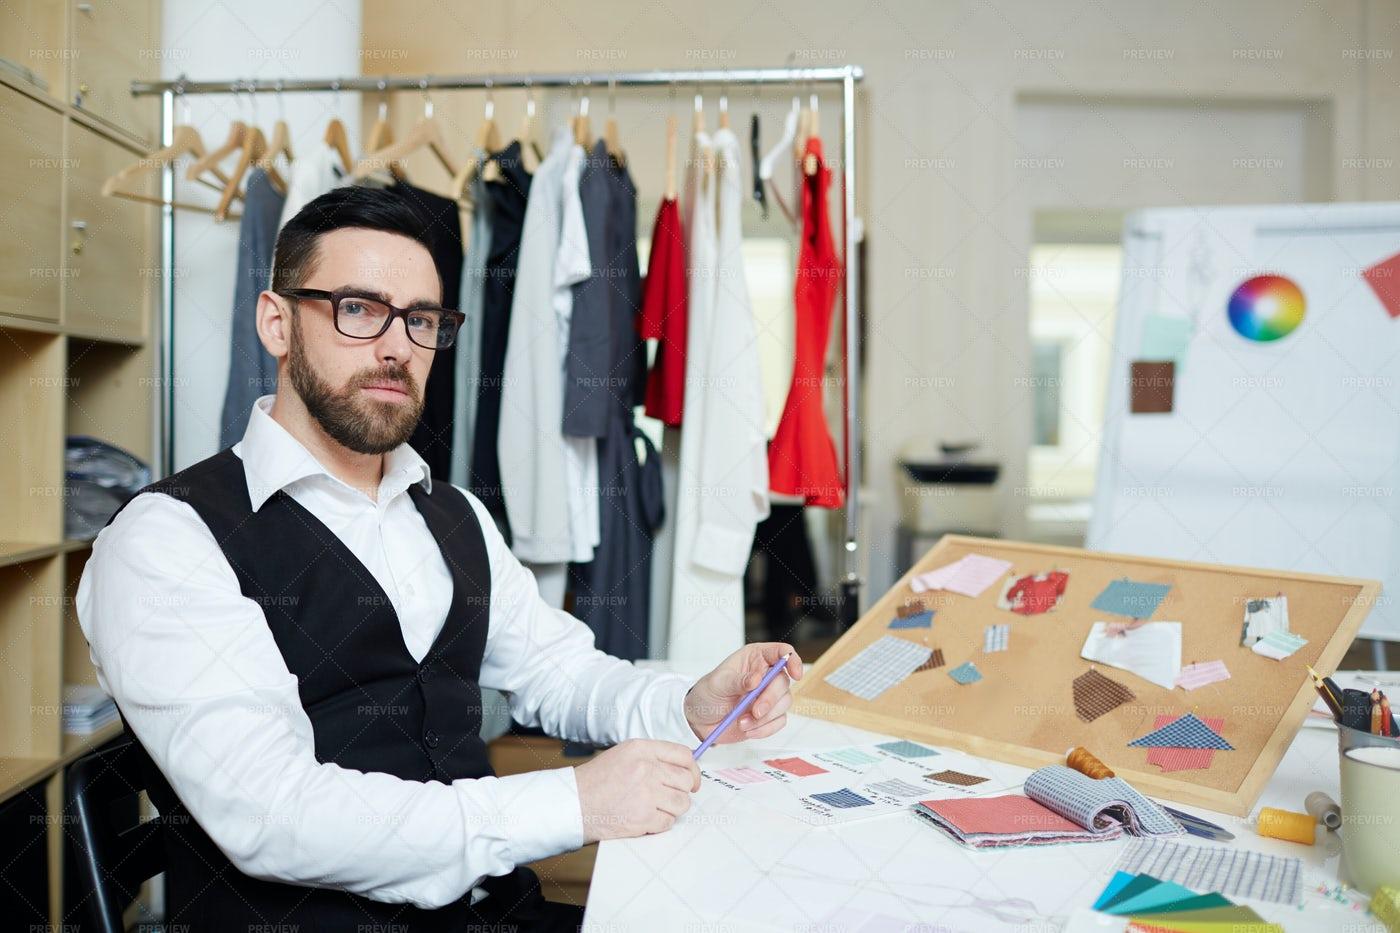 Man In Fashion Studio: Stock Photos